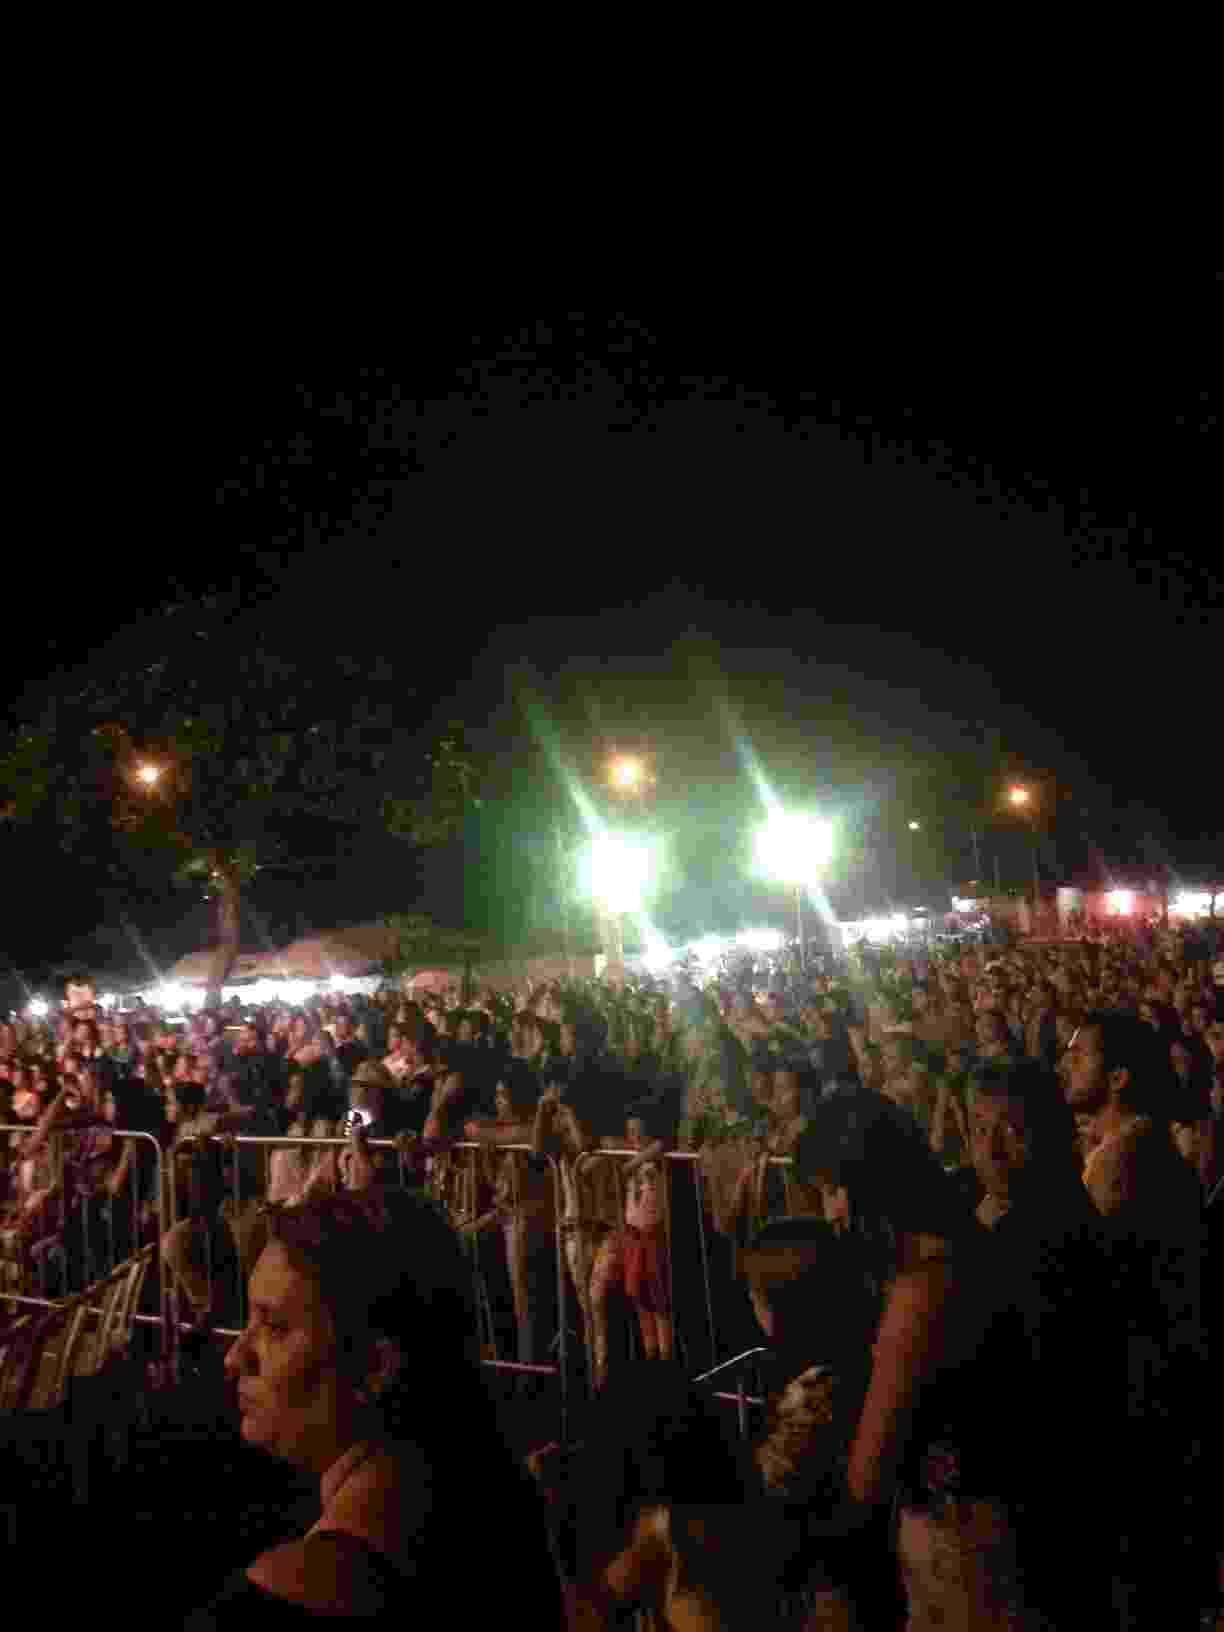 22.jun.2016 - A missa de um ano da morte do cantor Cristiano Araújo e de sua namorada Allana Moraes levou mais de 4.000 pessoas ao estacionamento da paróquia Nossa Senhora da Assunção, em Goiânia - Matheus Monteiro /UOL